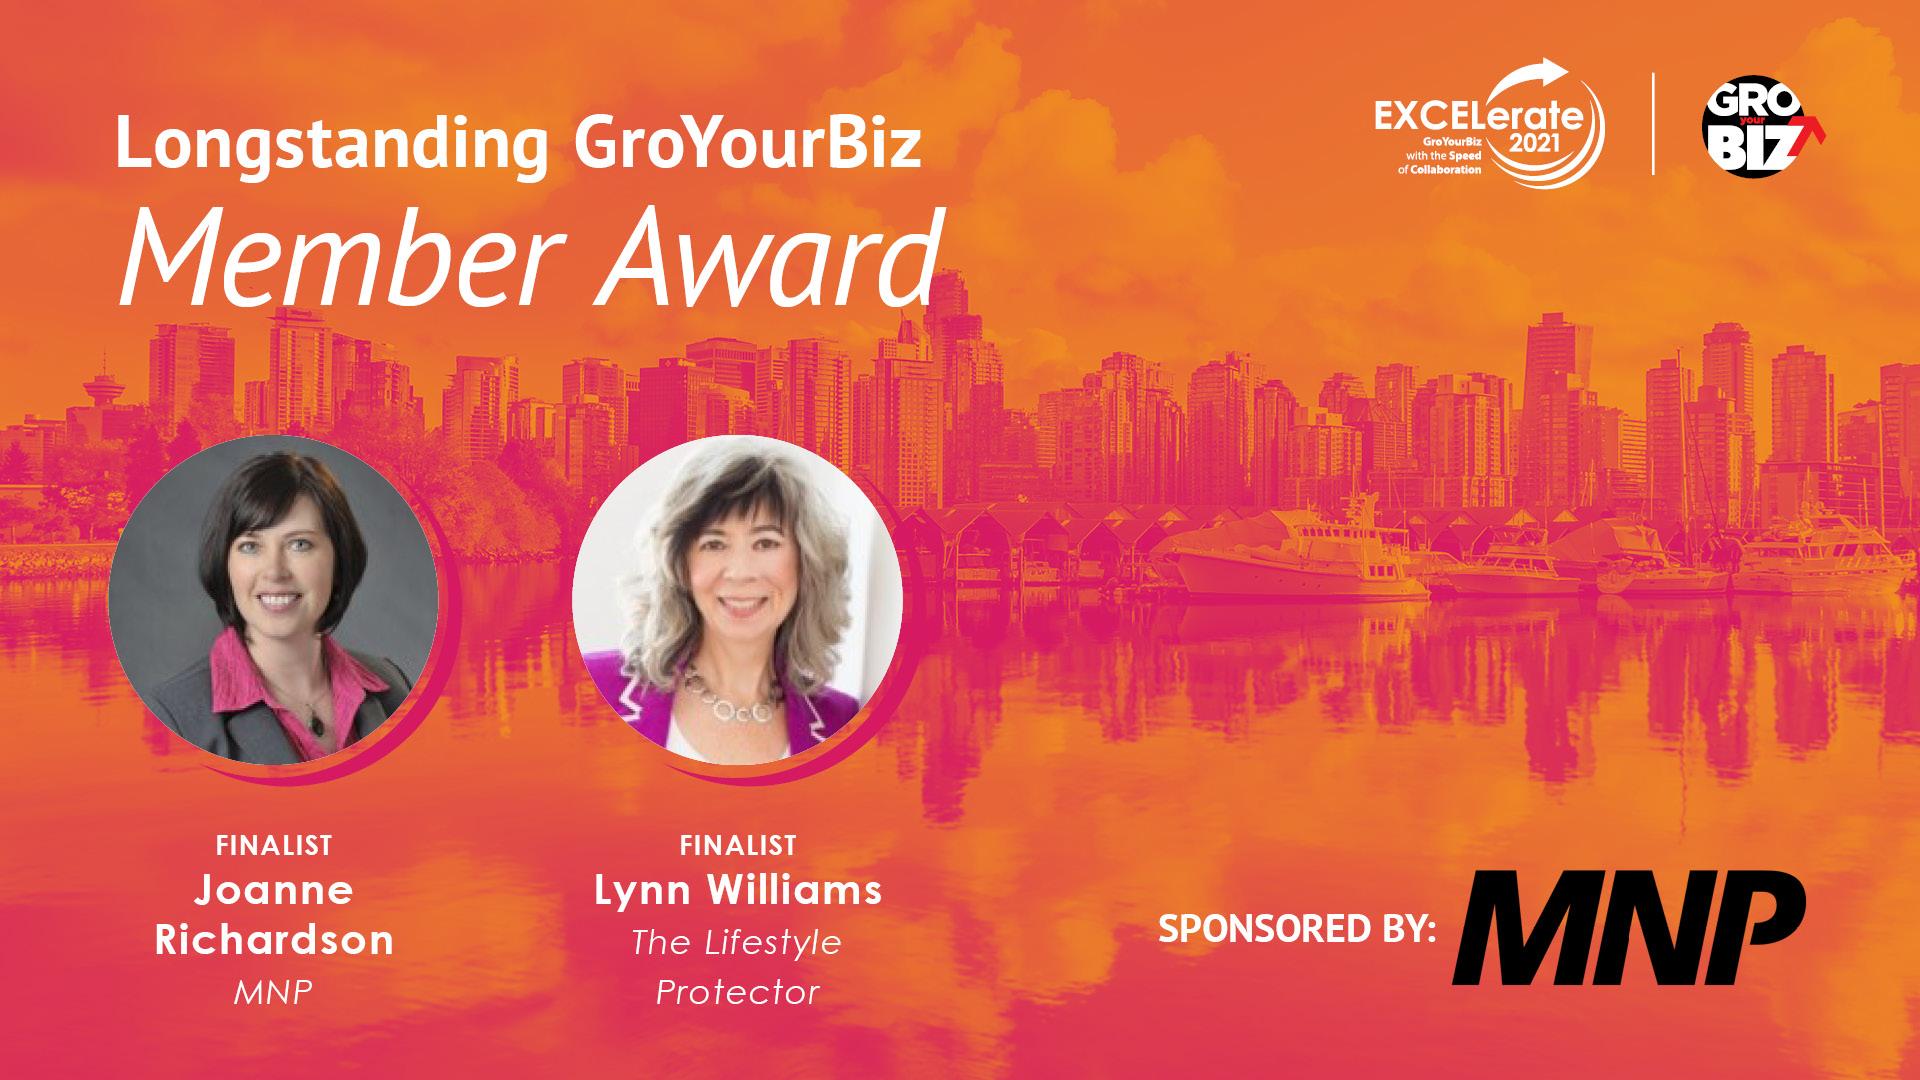 Longstanding GroYourBiz Member Award Finalists